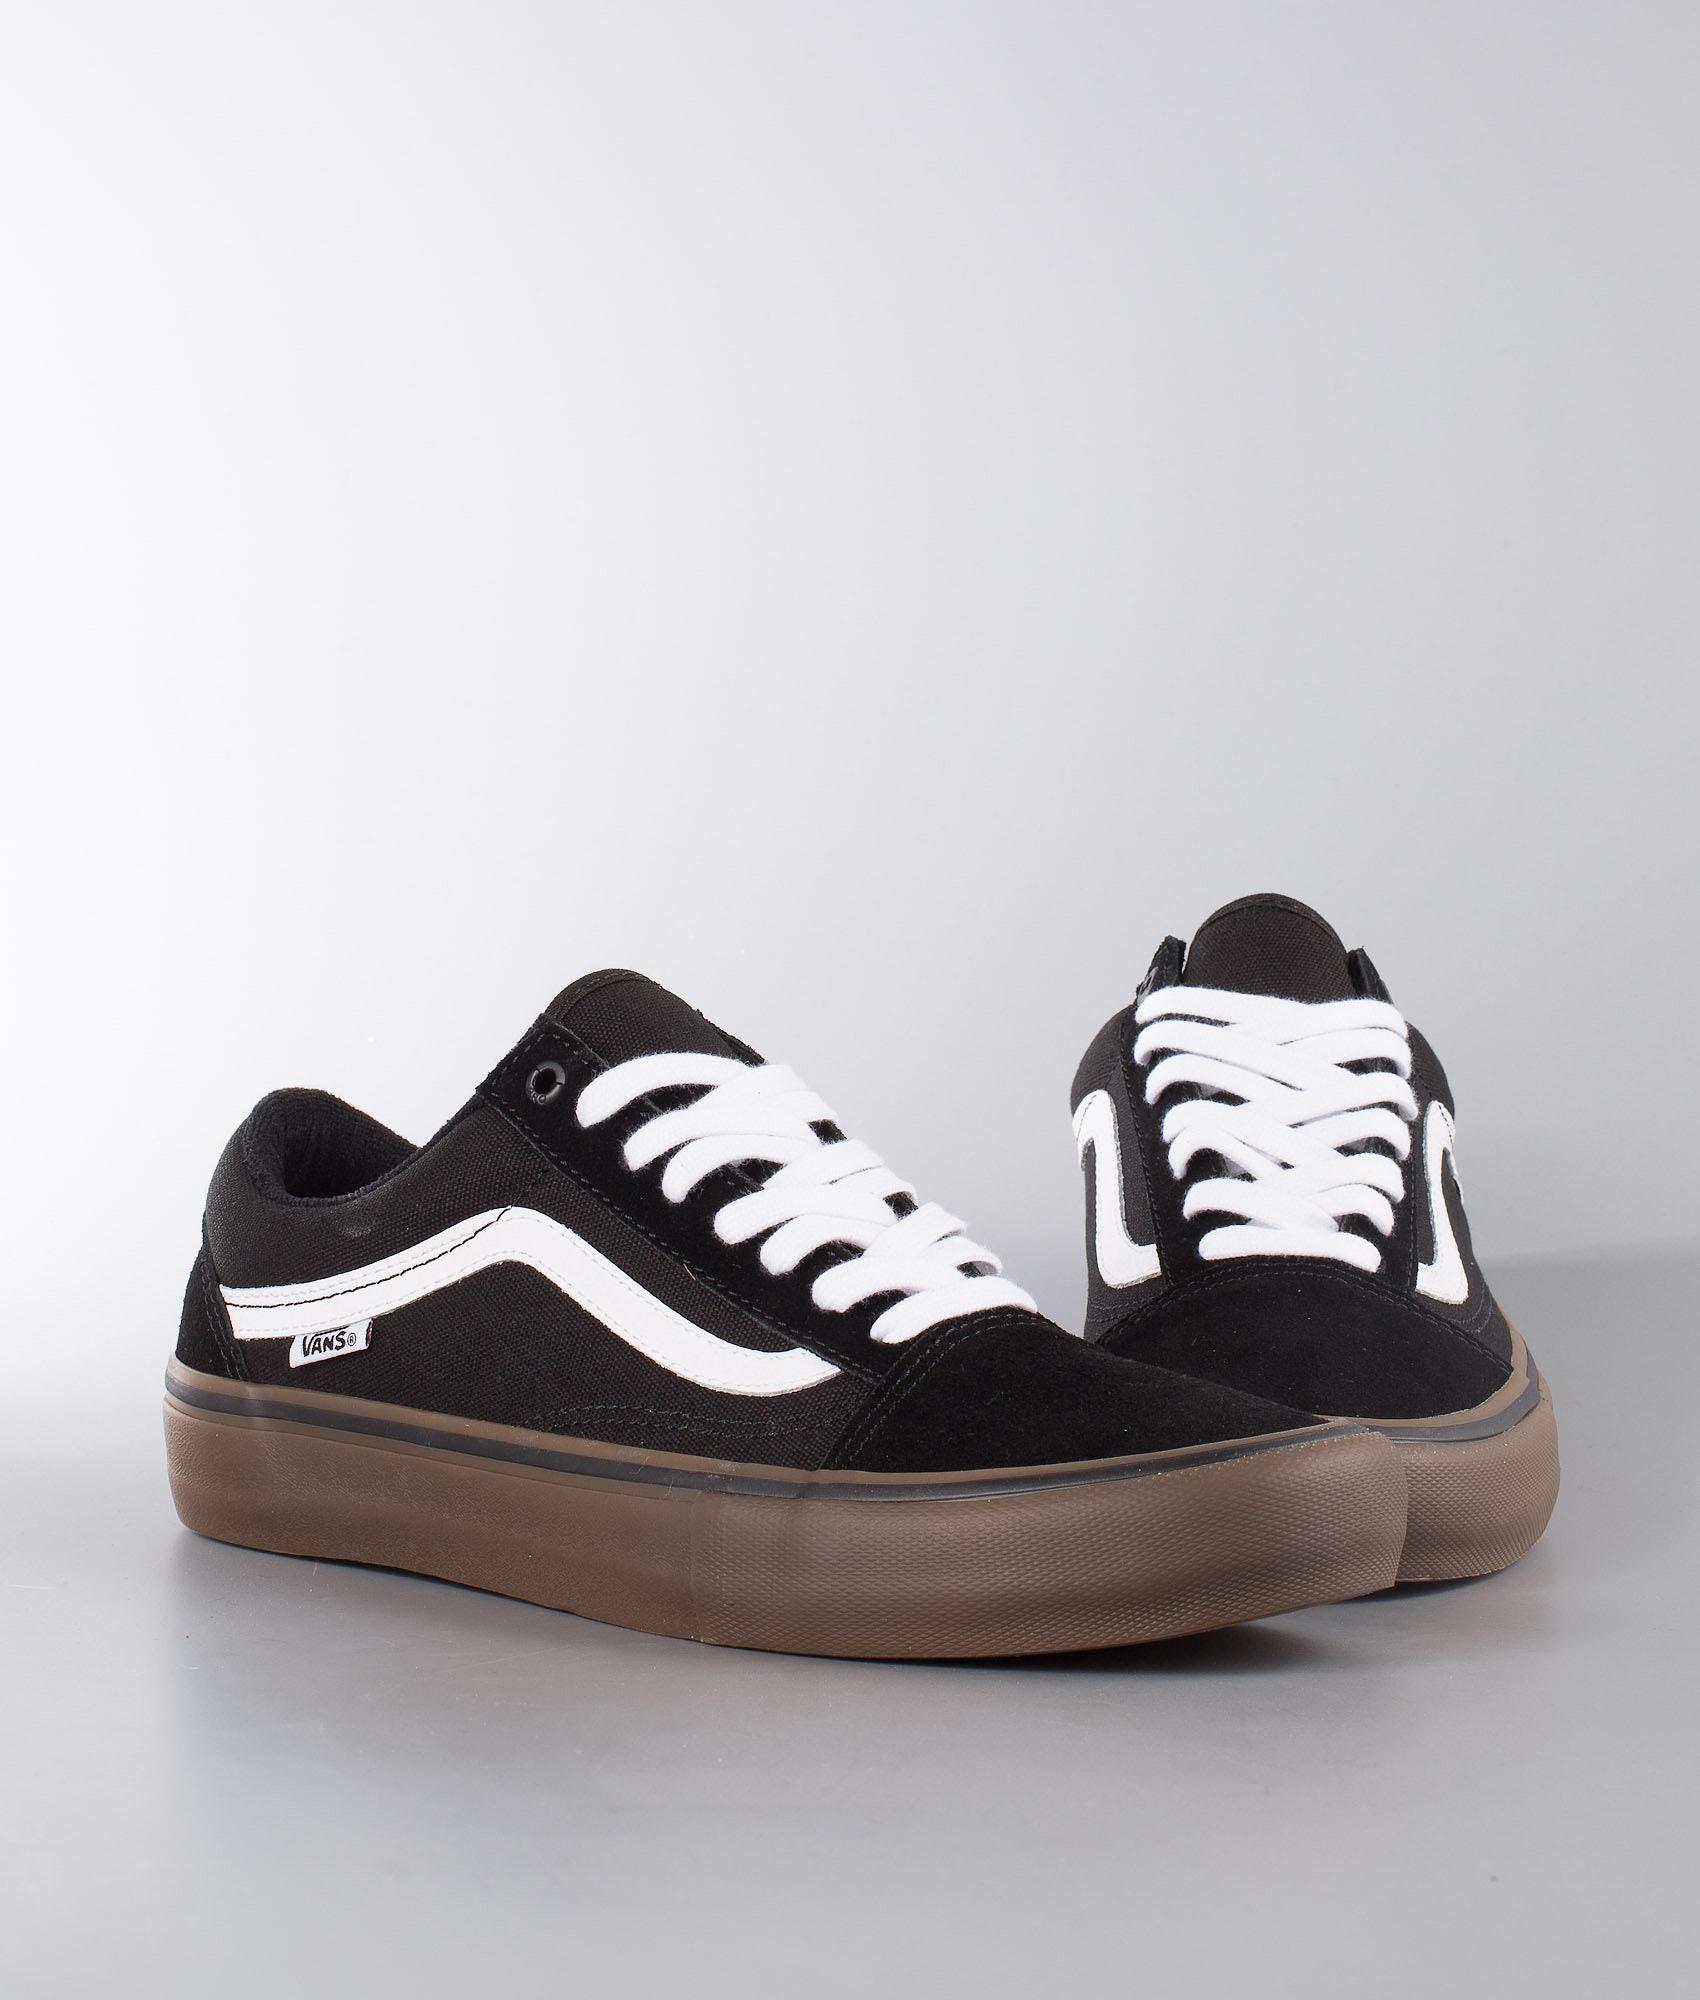 620fdf8018 Vans Old Skool Pro Shoes Black White Medium Gum - Ridestore.com